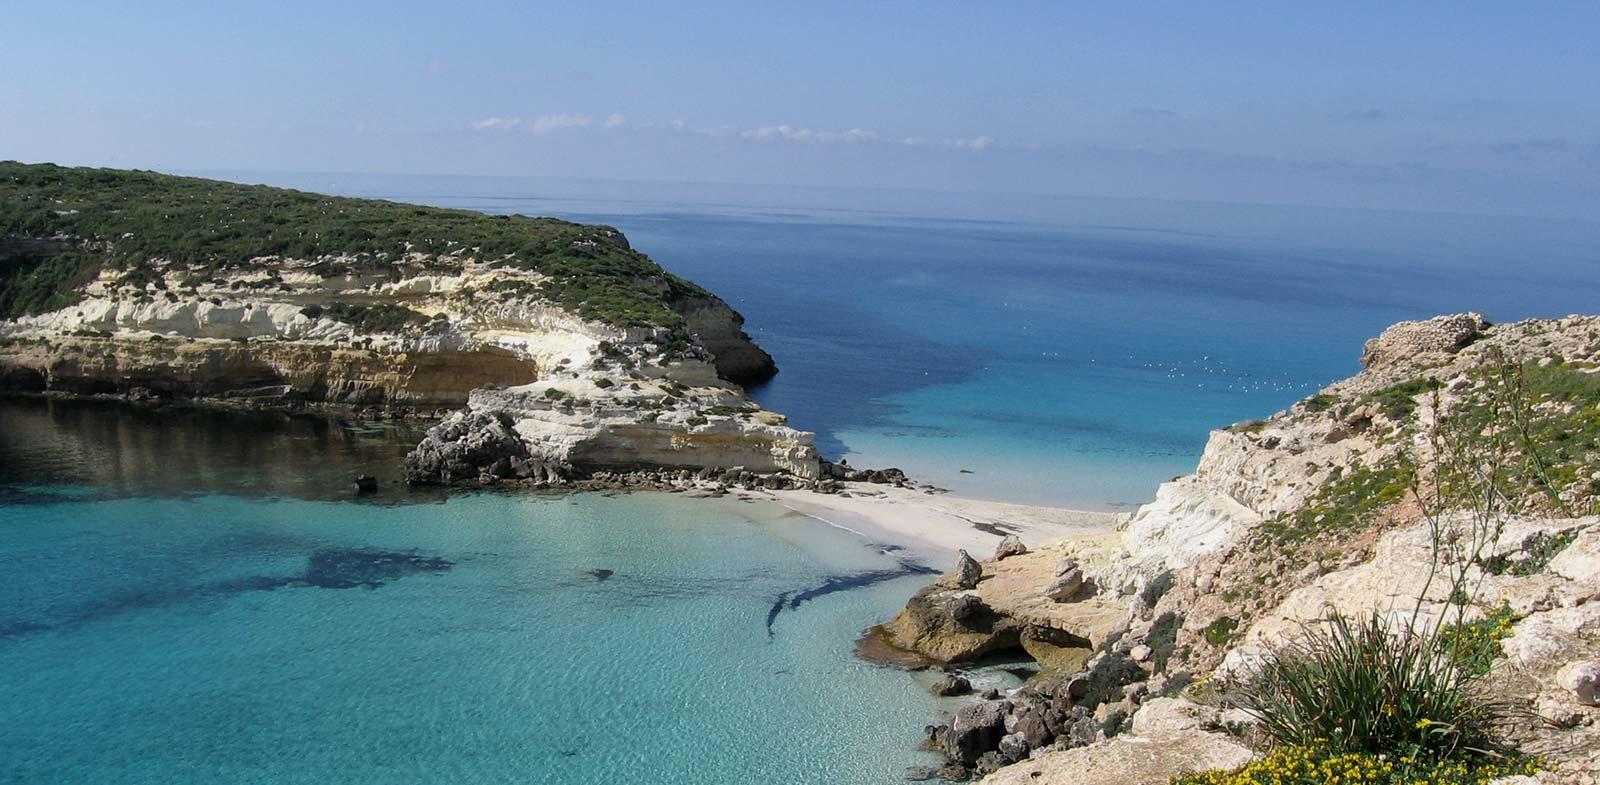 Prenota la tua Vacanza a Lampedusa a prezzi vantaggiosi!